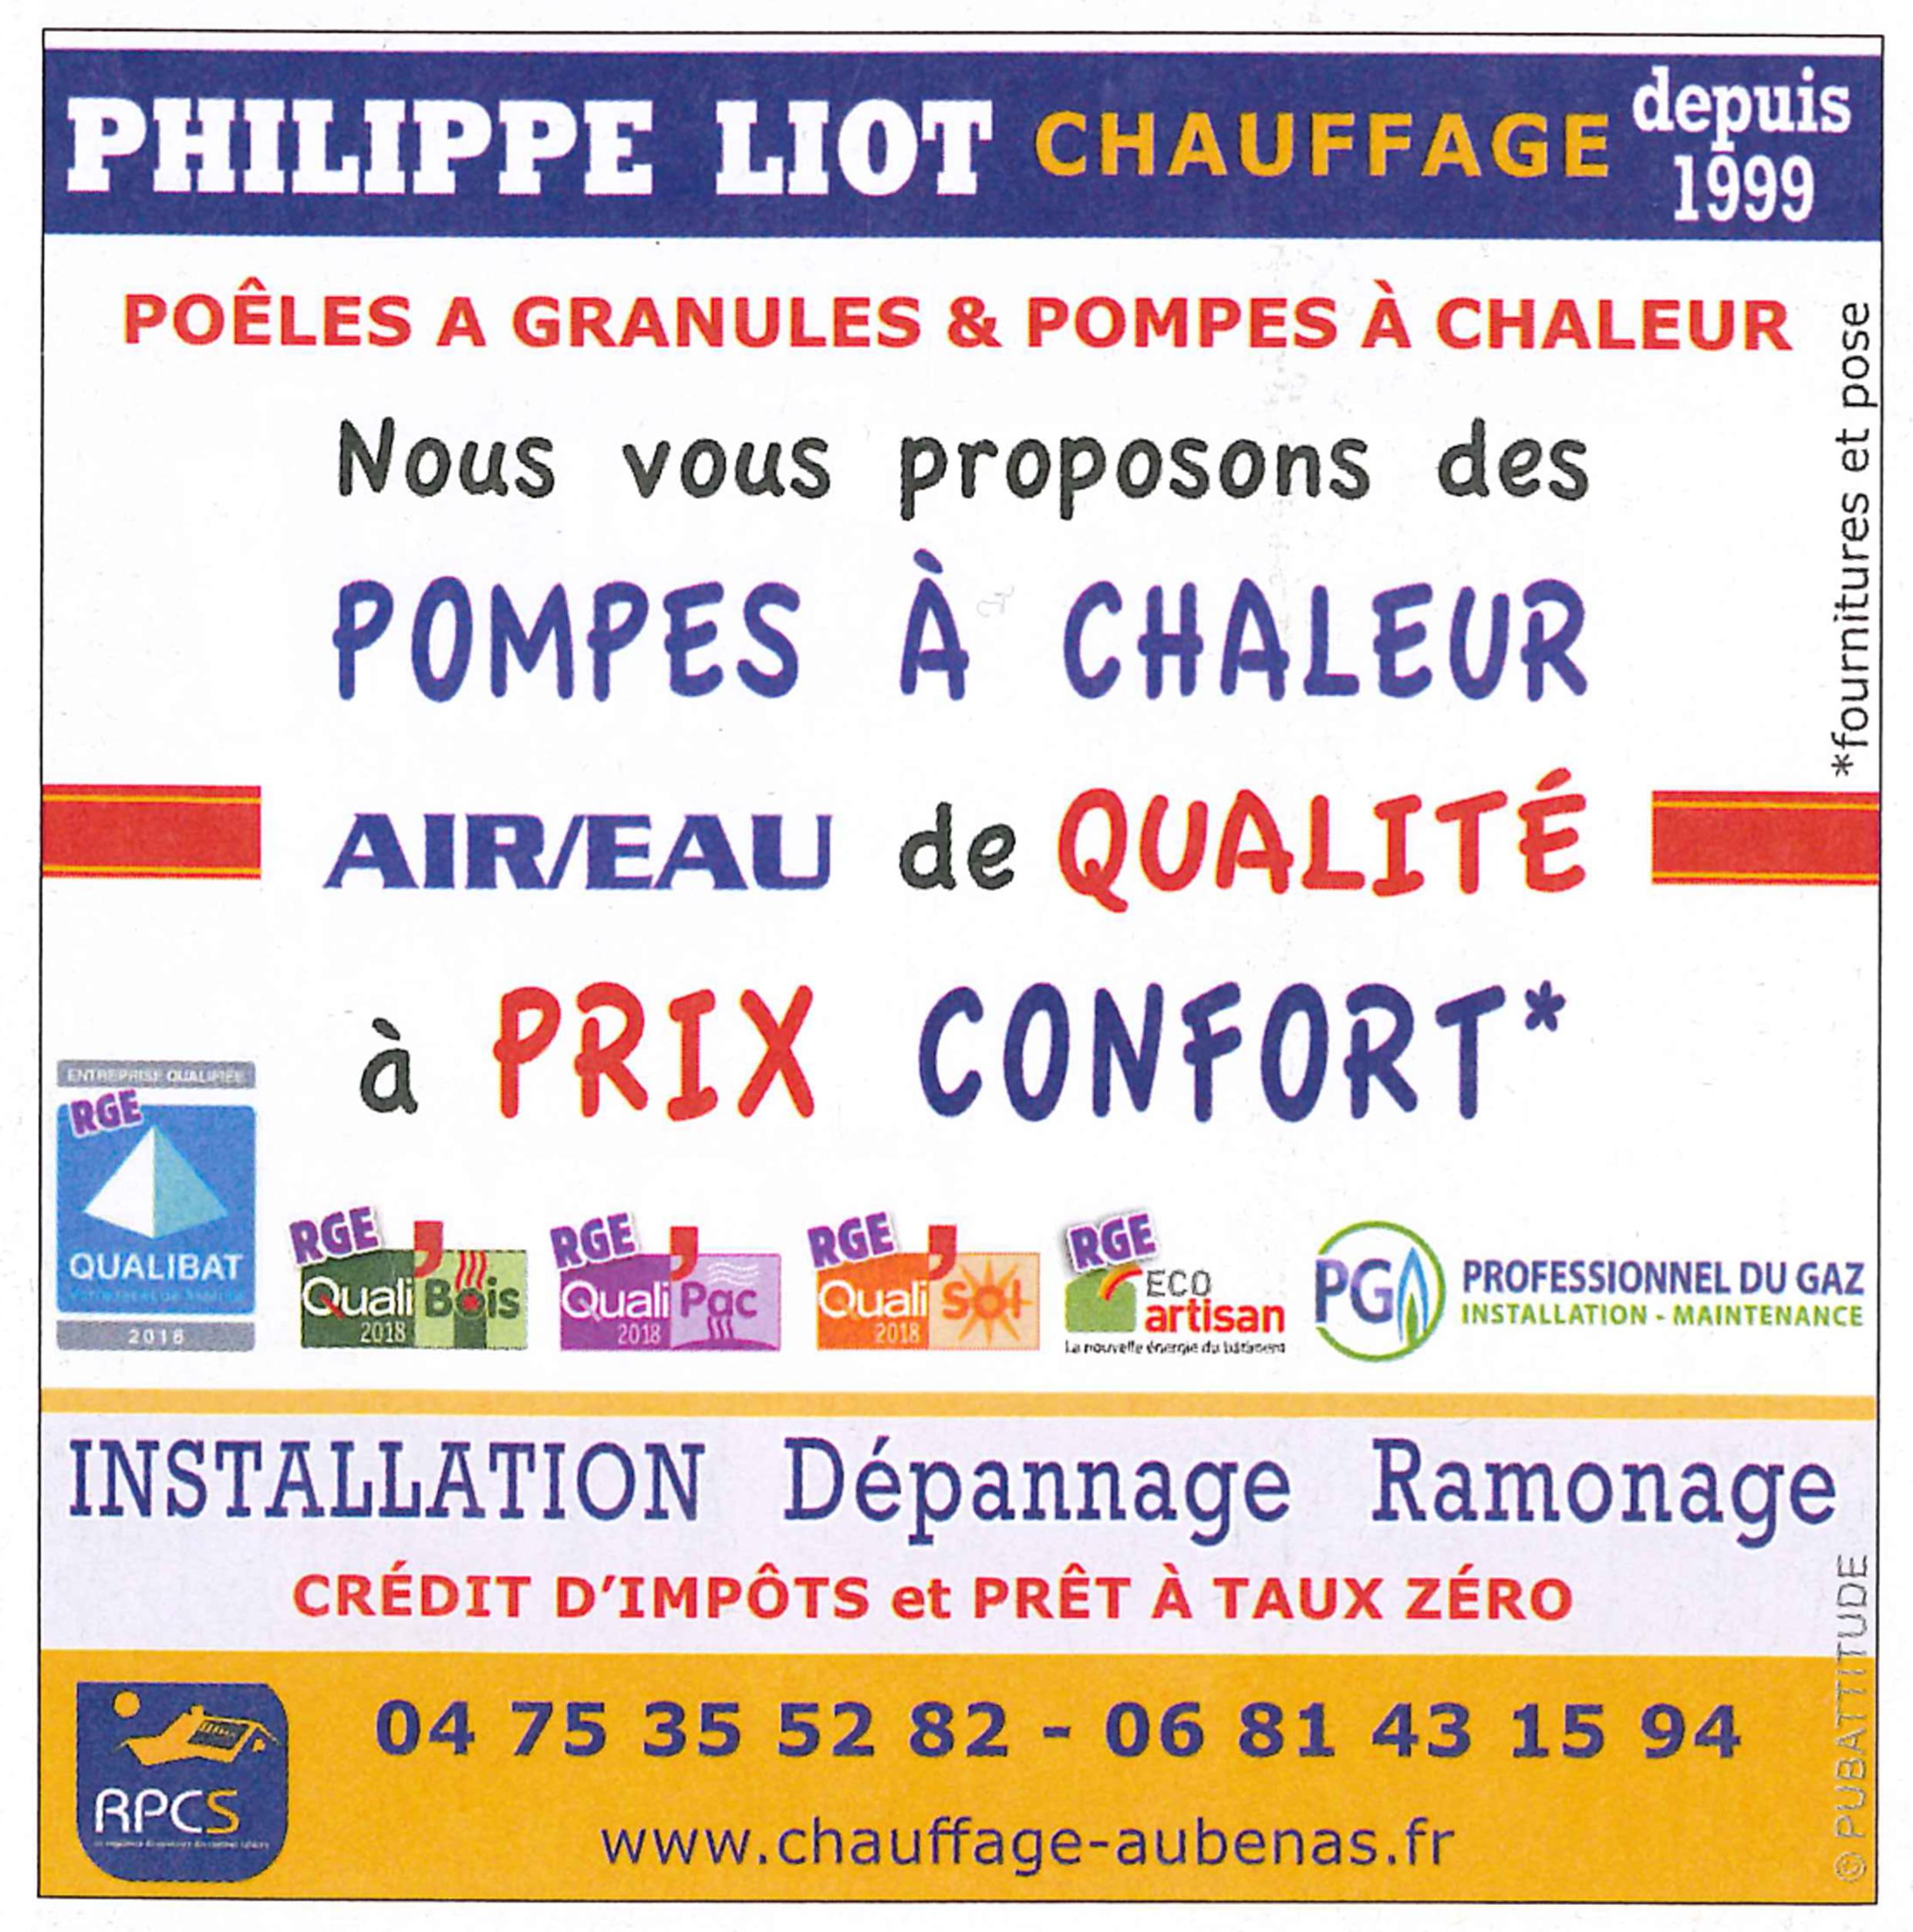 Philippe Liot Chauffage prix confort 2019